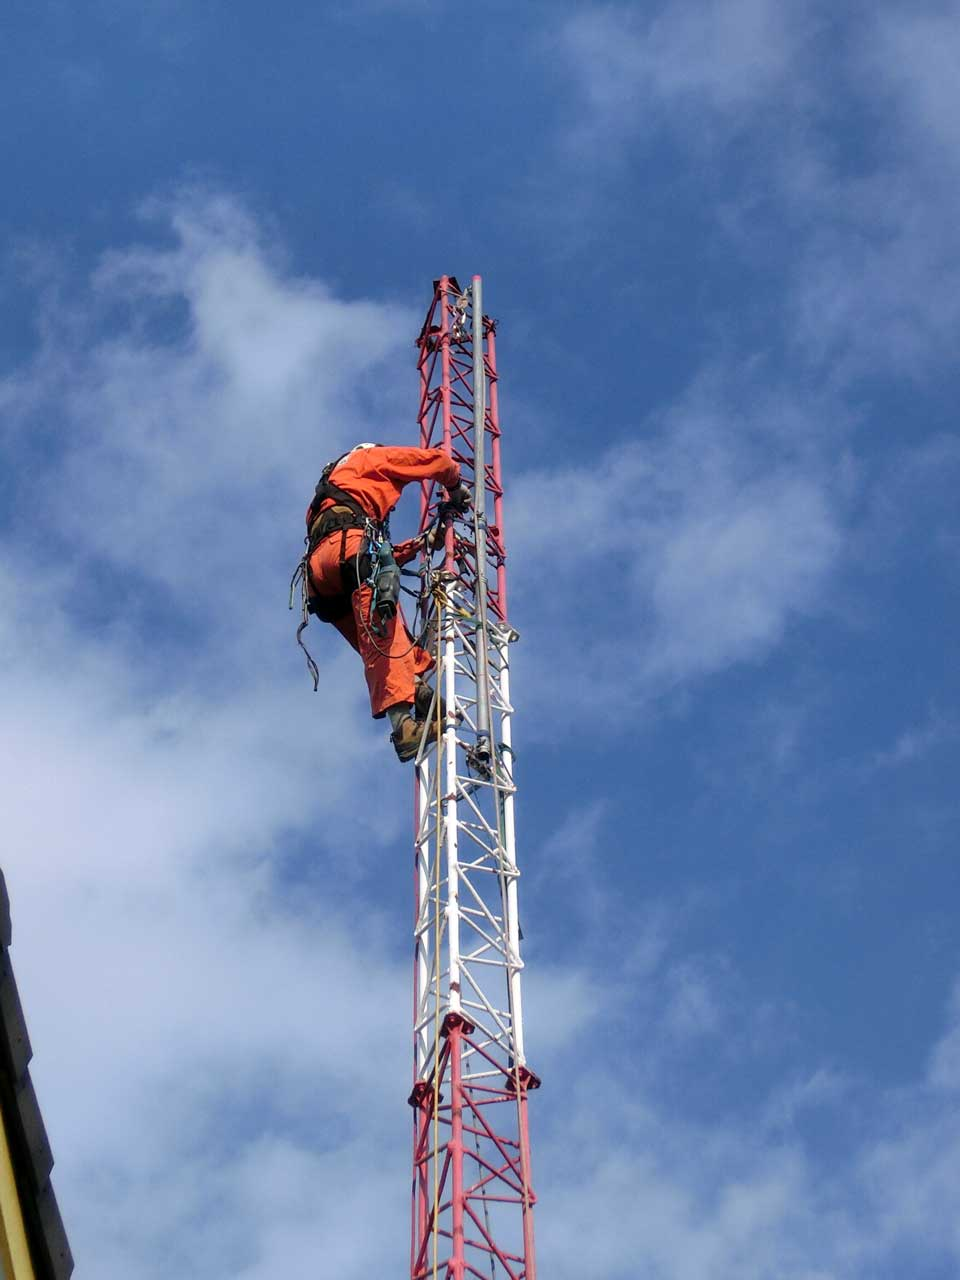 アマチュア無線の自立式アンテナ鉄塔撤去工事。大阪府吹田市